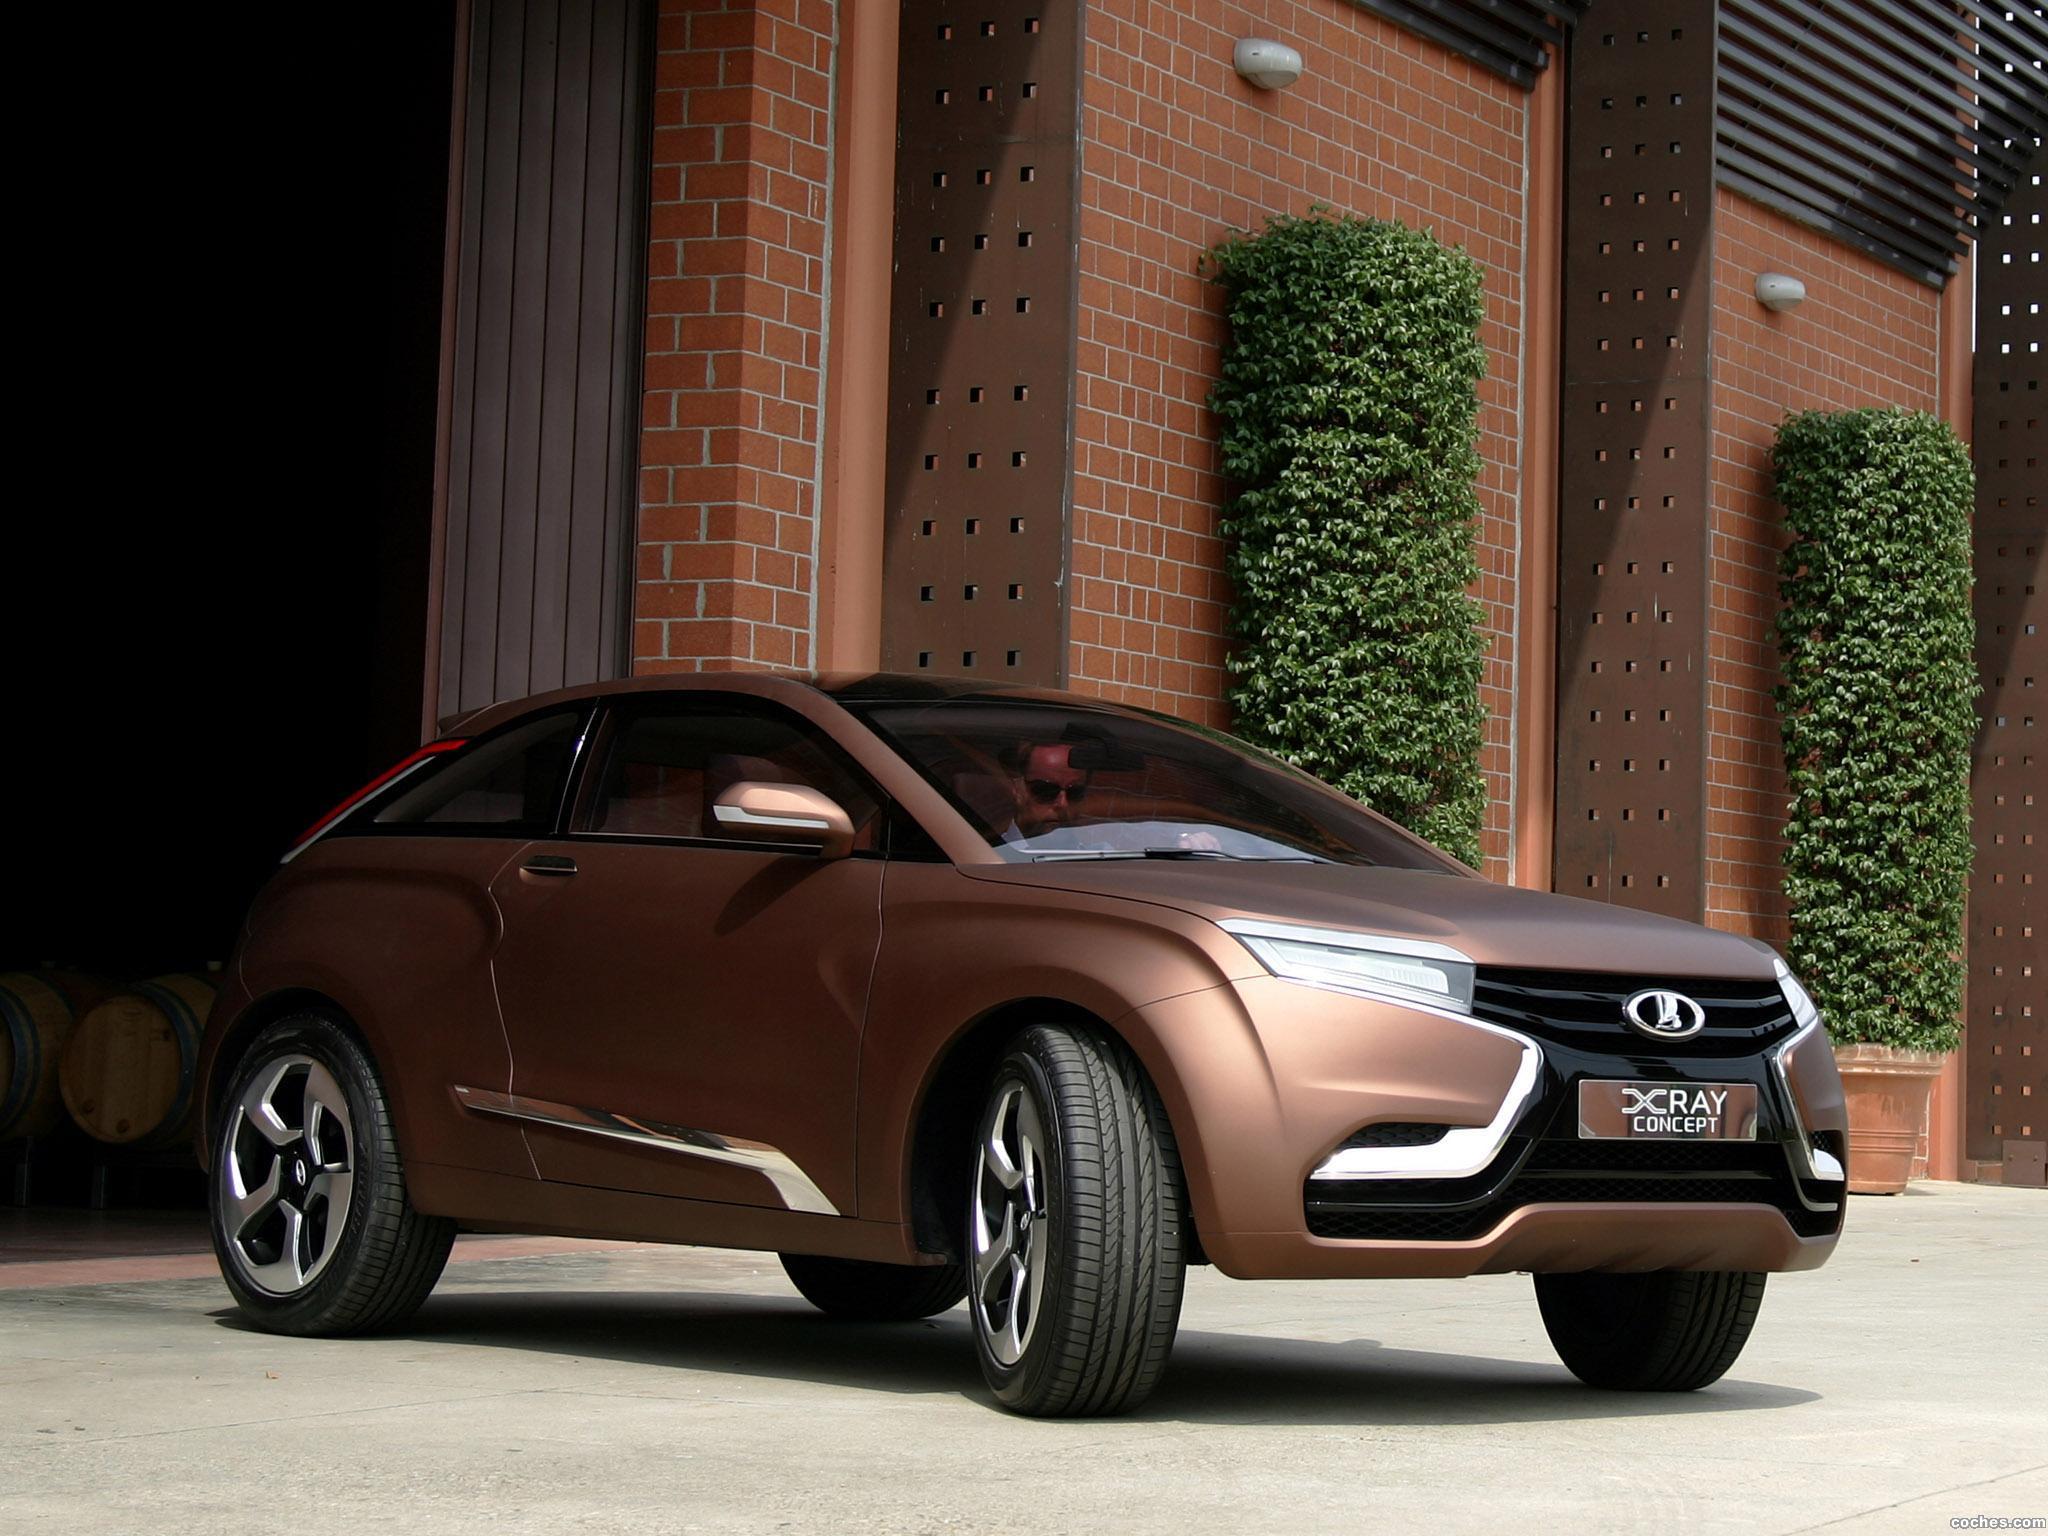 Foto 1 de Lada XRAY Concept 2012